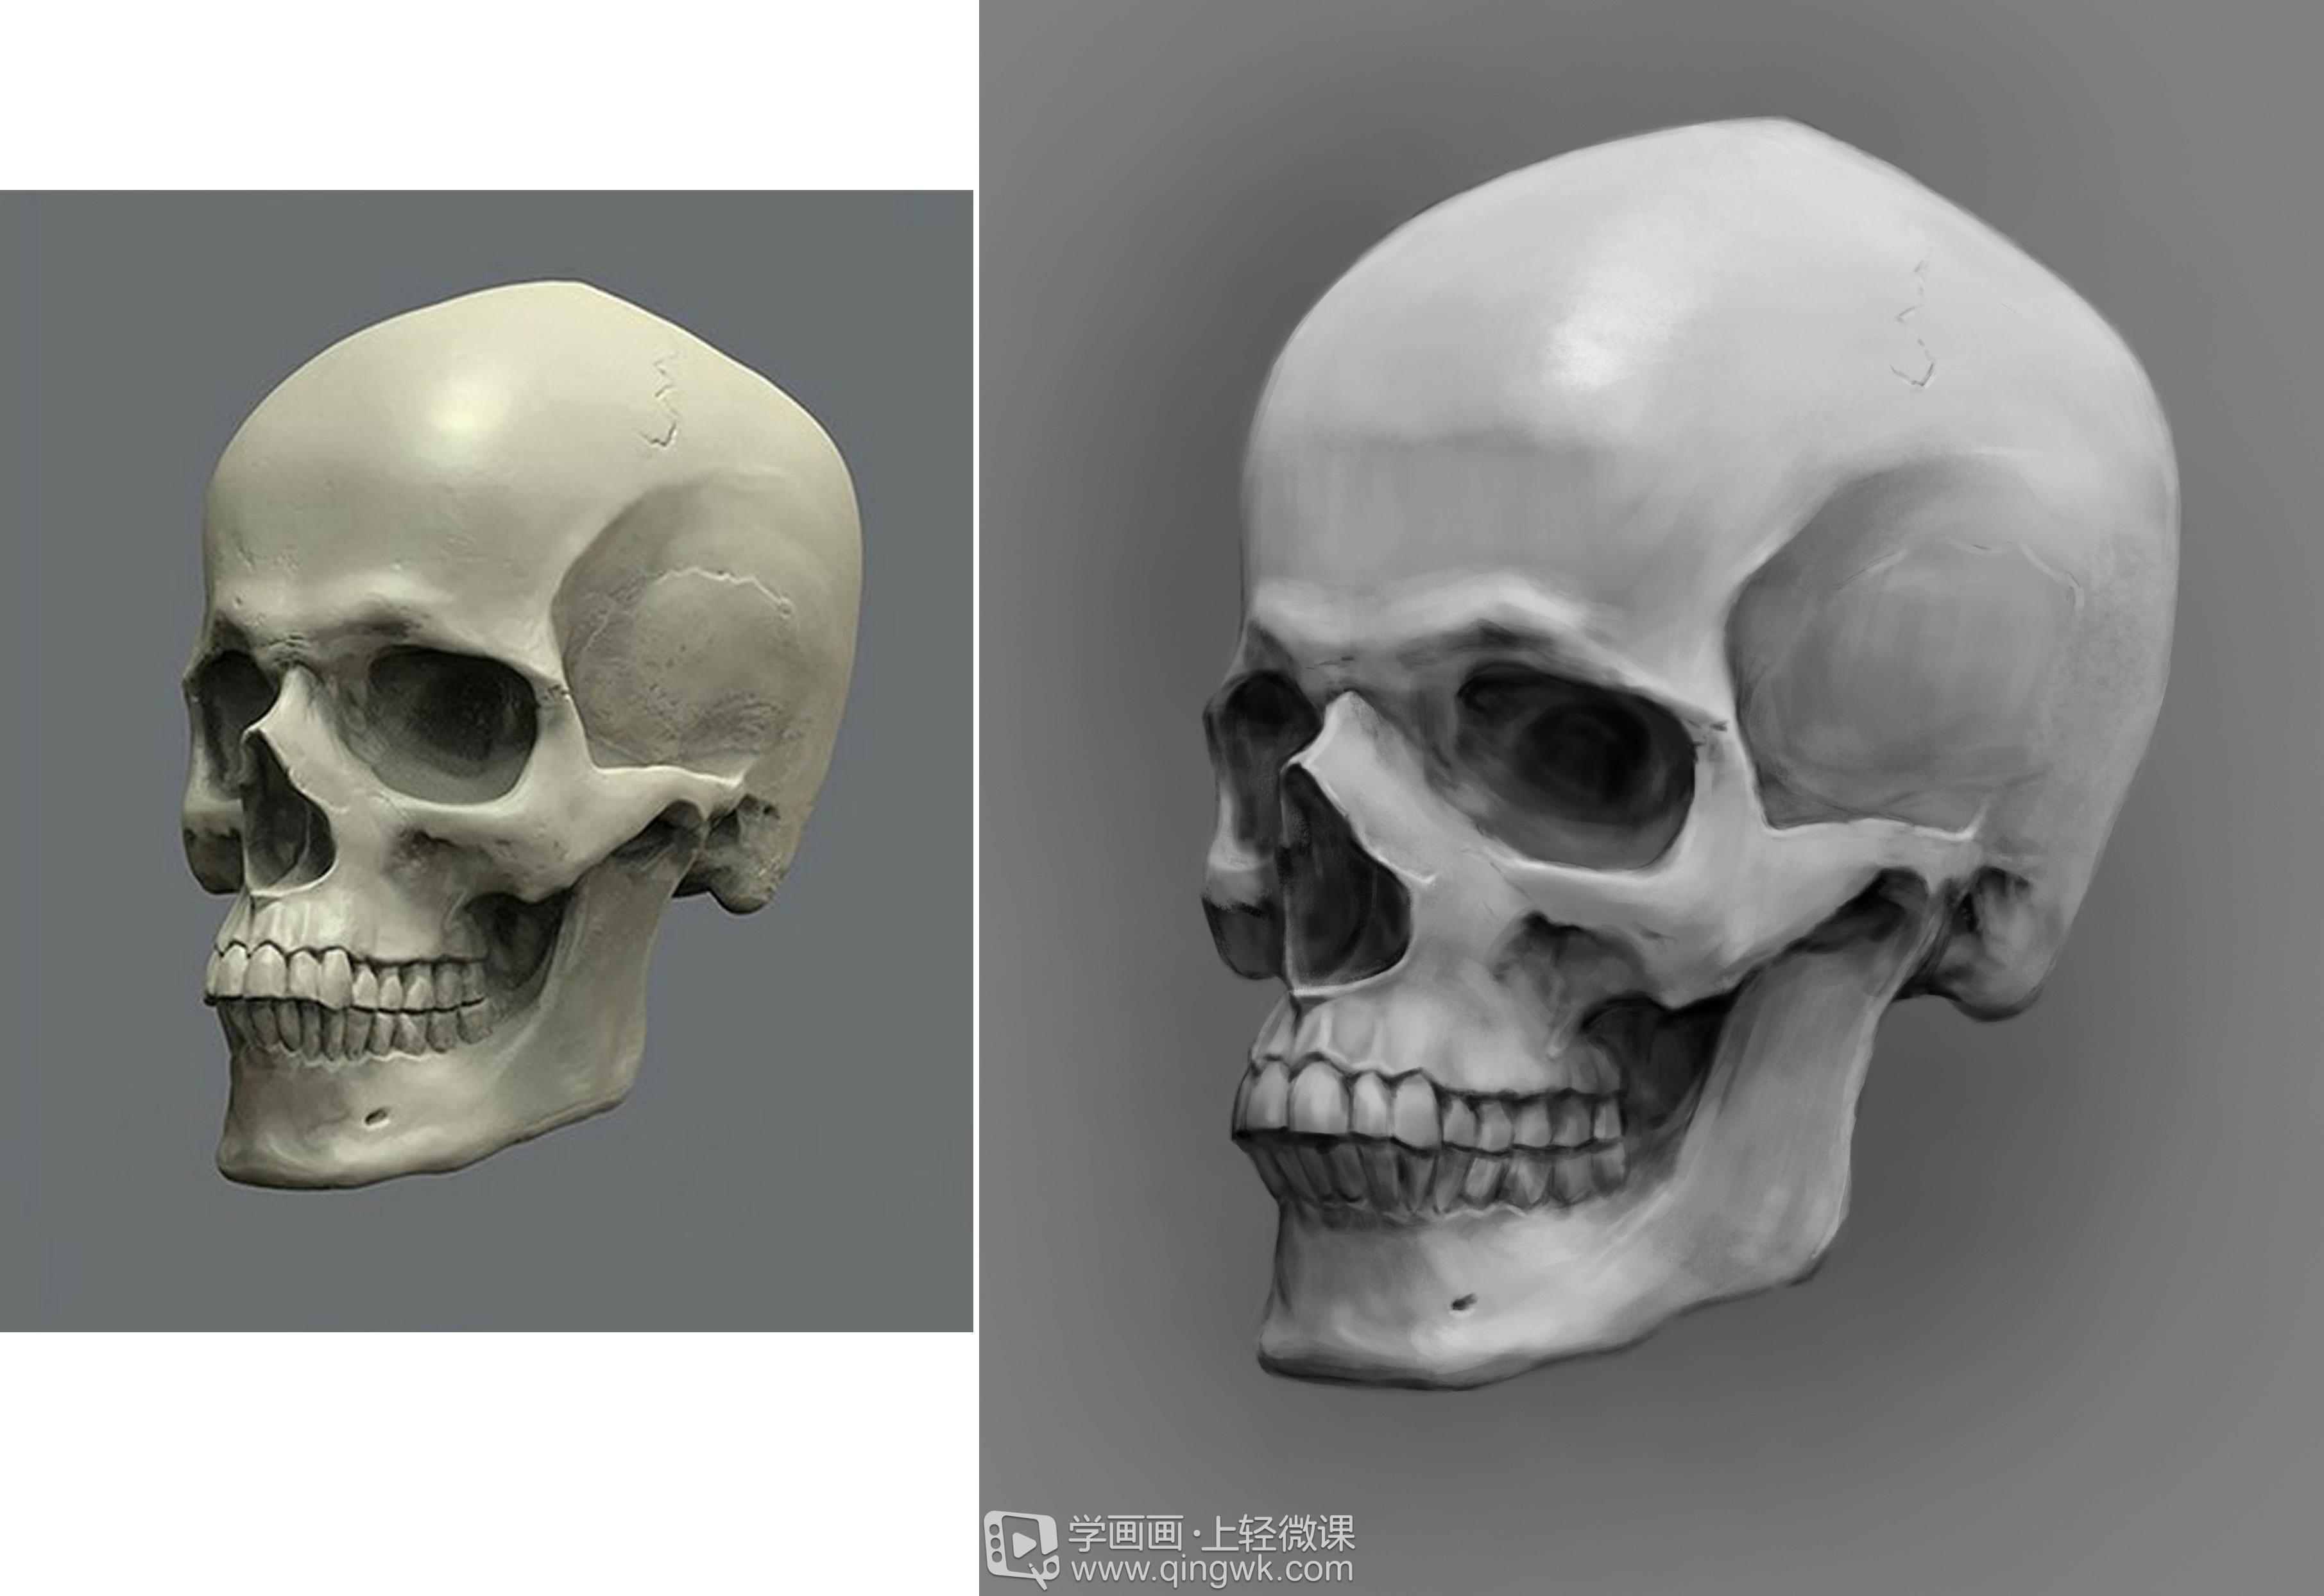 动漫头部画法_学员作业:如何画同人动漫人物之人体头骨素描的画法与训练 ...